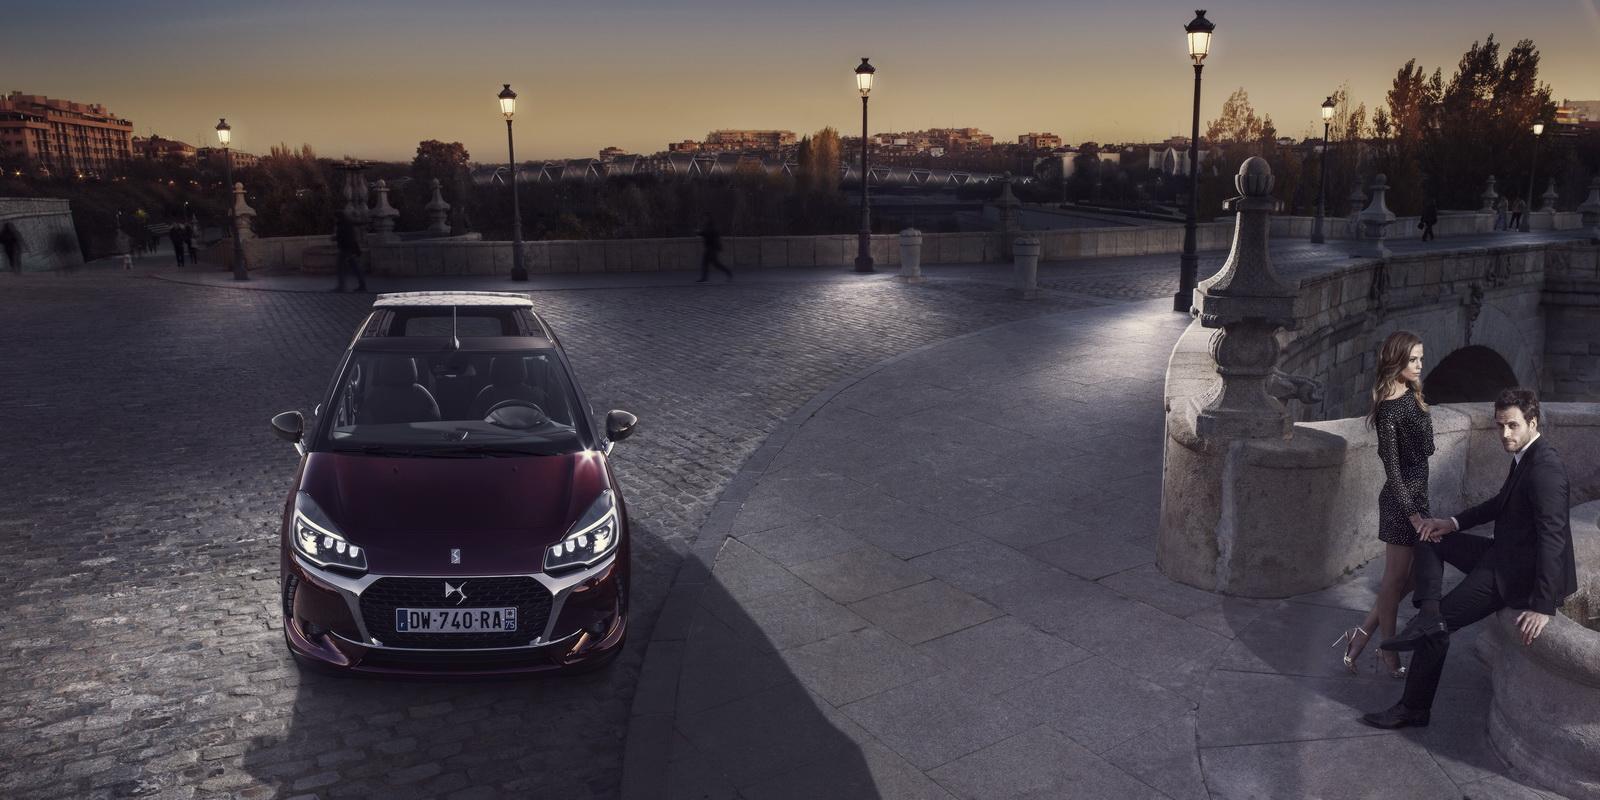 DS Automobiles - 2016 - Nouvelle DS 3 Cabrio - photo - belle soirée / good evening